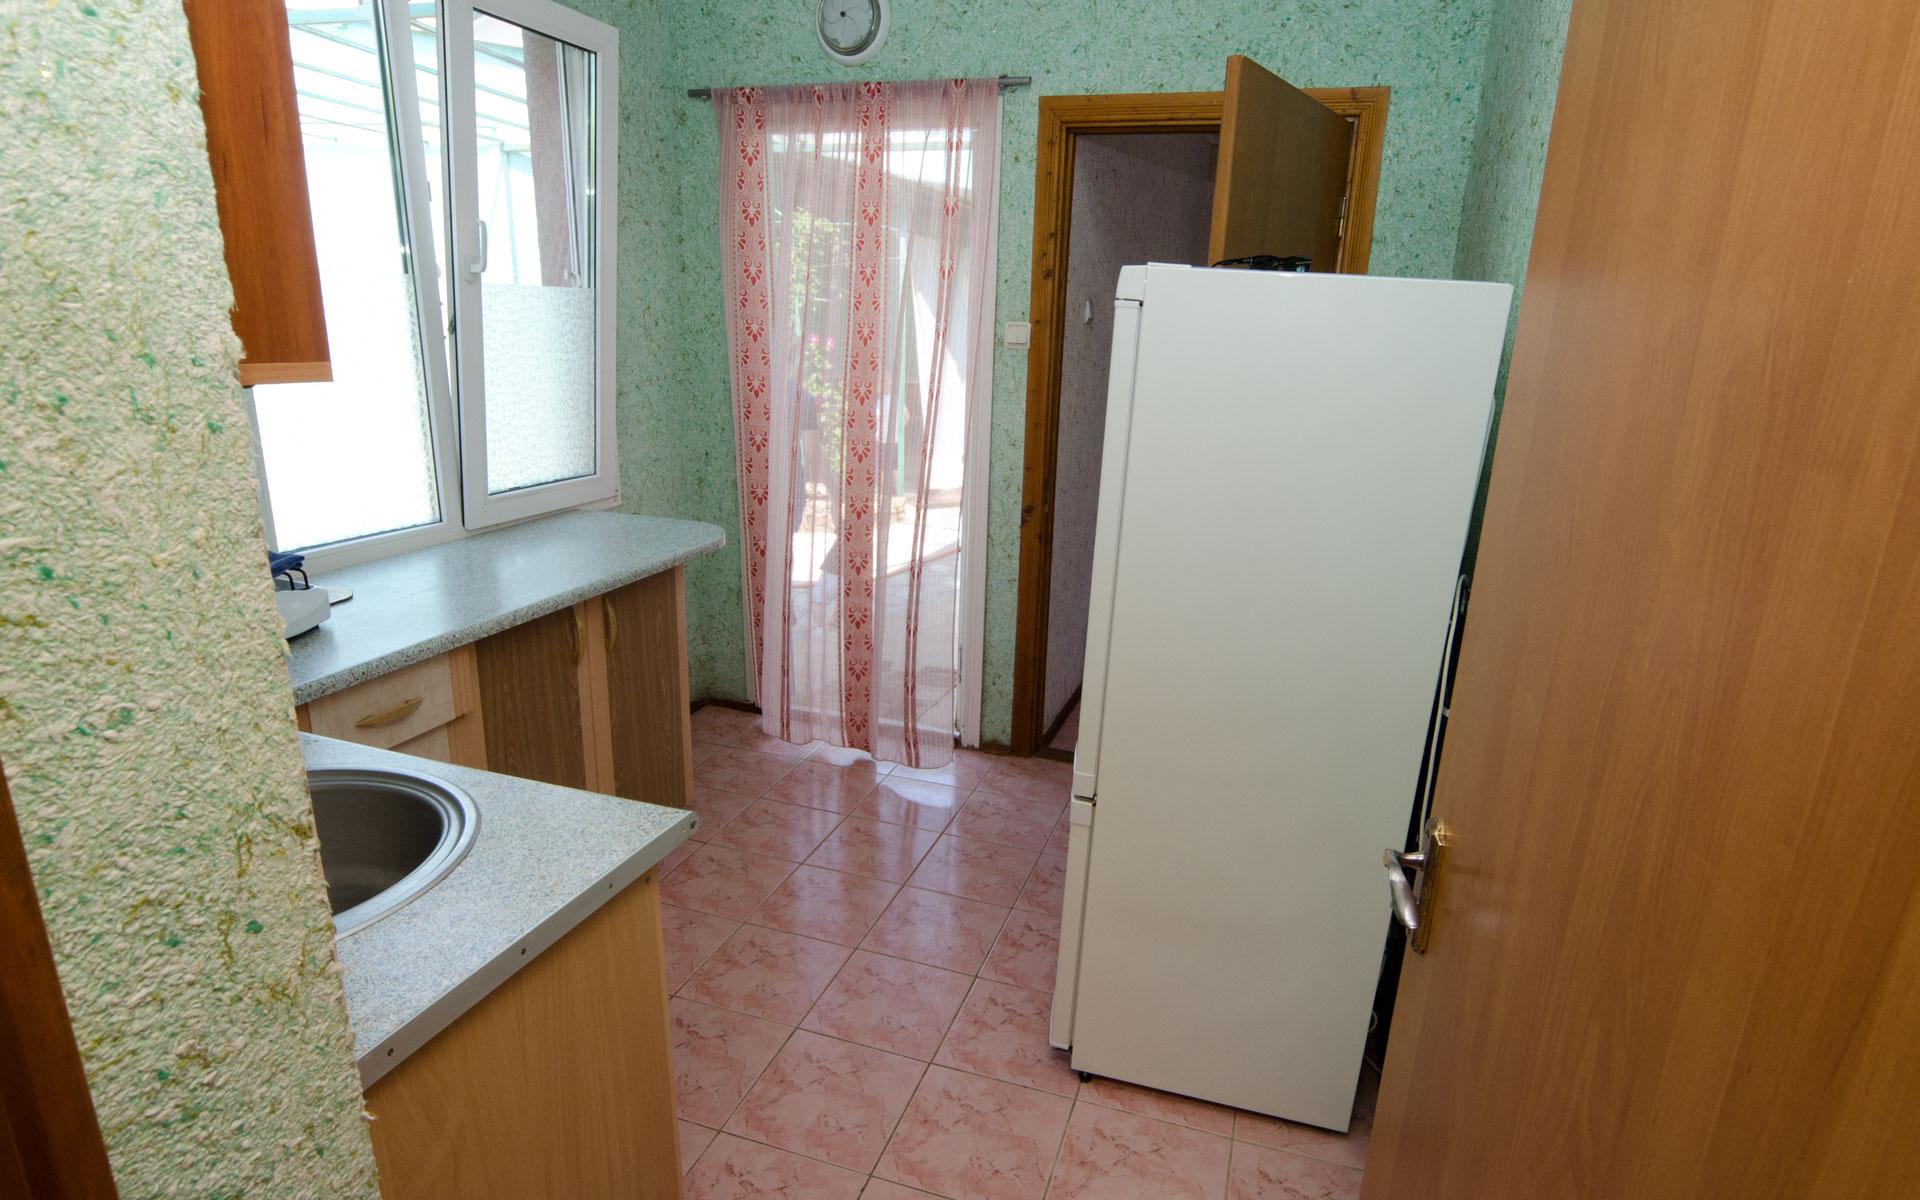 Своя, оборудованная кухня и вход в квартиру. Двухкомнатная  квартира. Апарт-отель на 8 квартир. Заозёрное